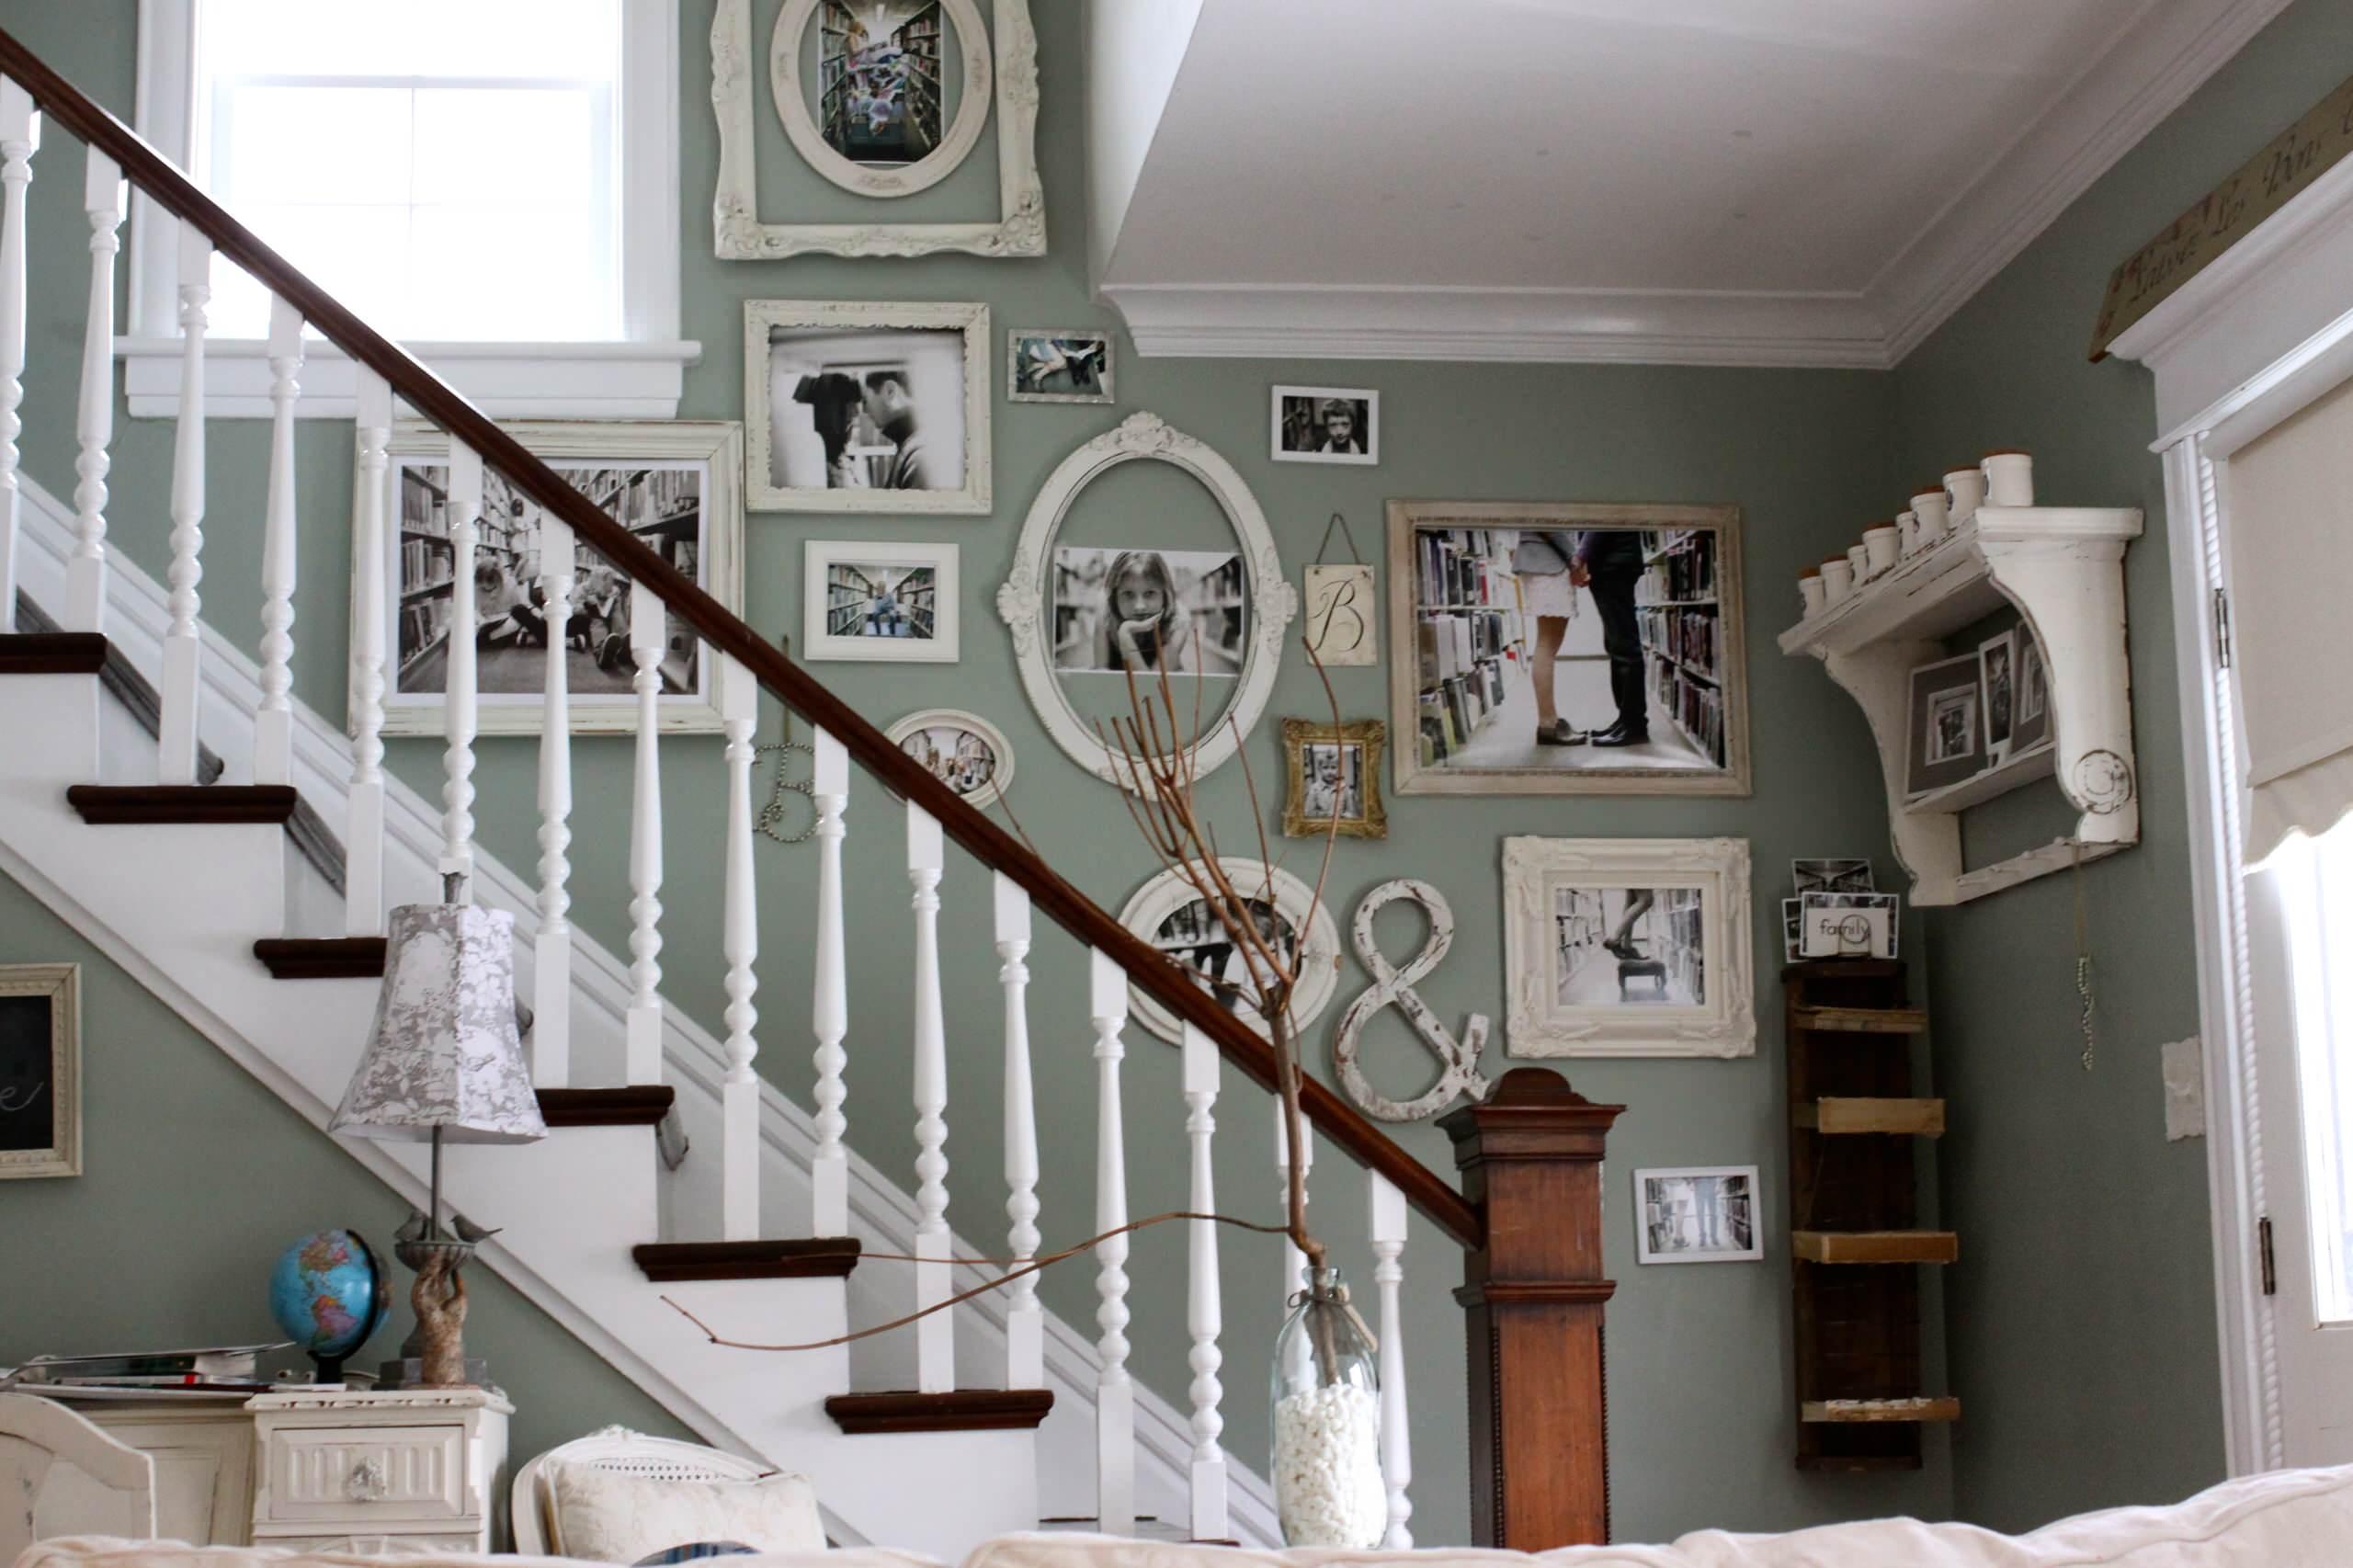 декор лестничного пролета в доме фото представляет собой ряд